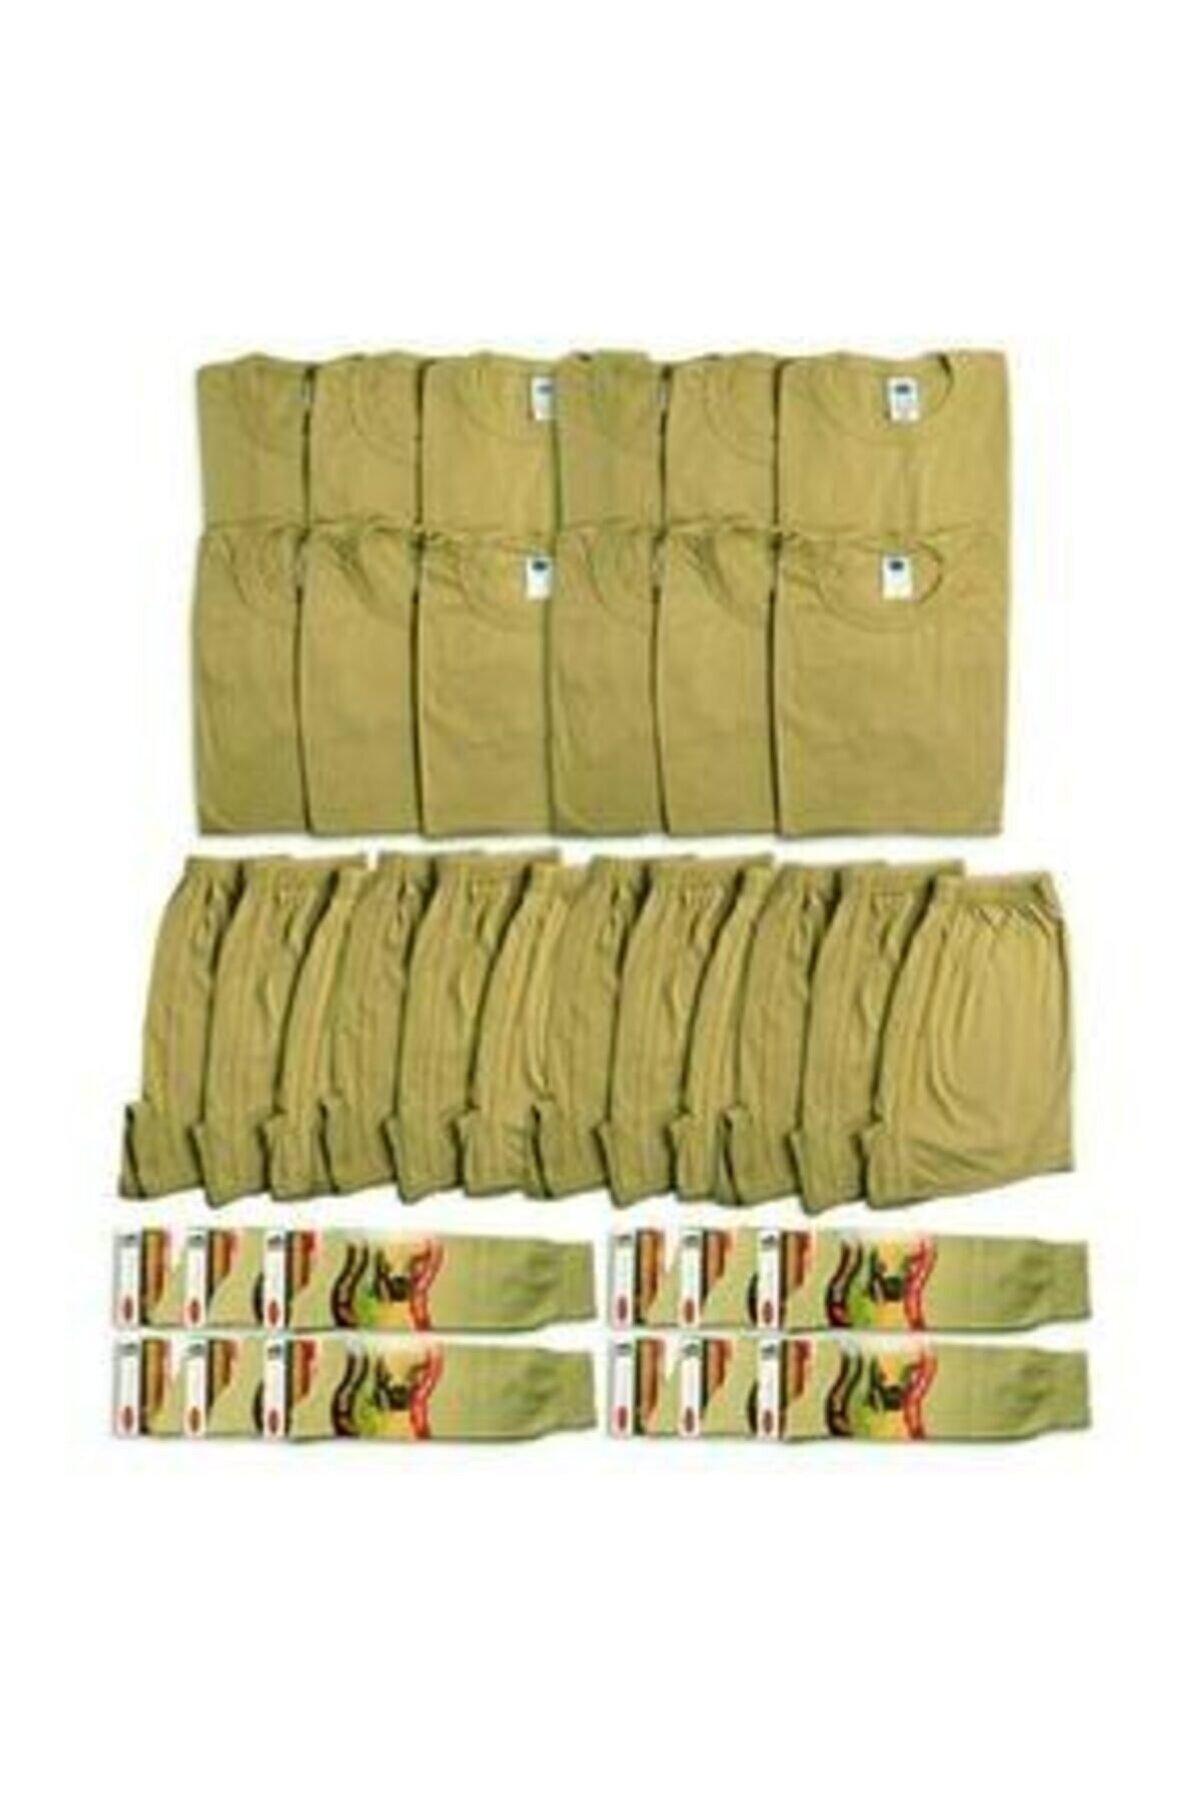 KUBİLAY ASKERİ MALZEME Erkek Haki Yeşil 12'li Asker Seti / Atlet-baksır-çorap